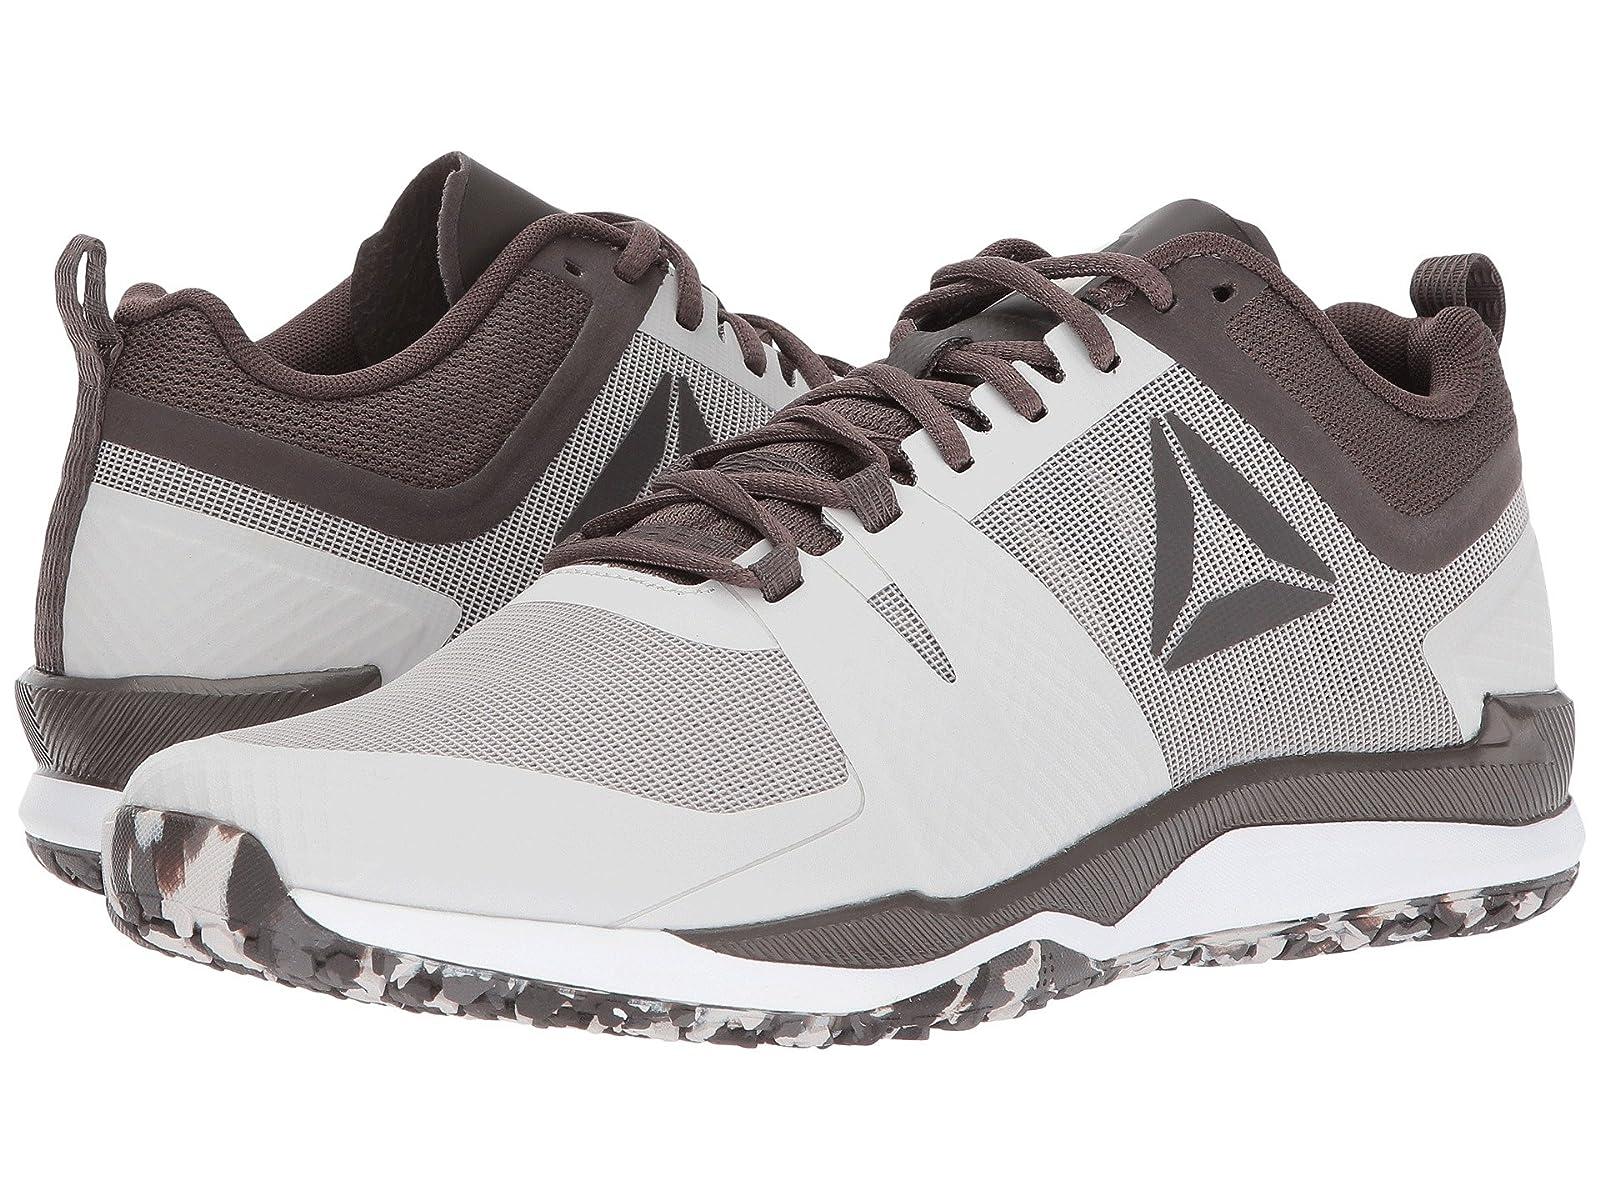 Reebok Reebok JJ ICheap and distinctive eye-catching shoes